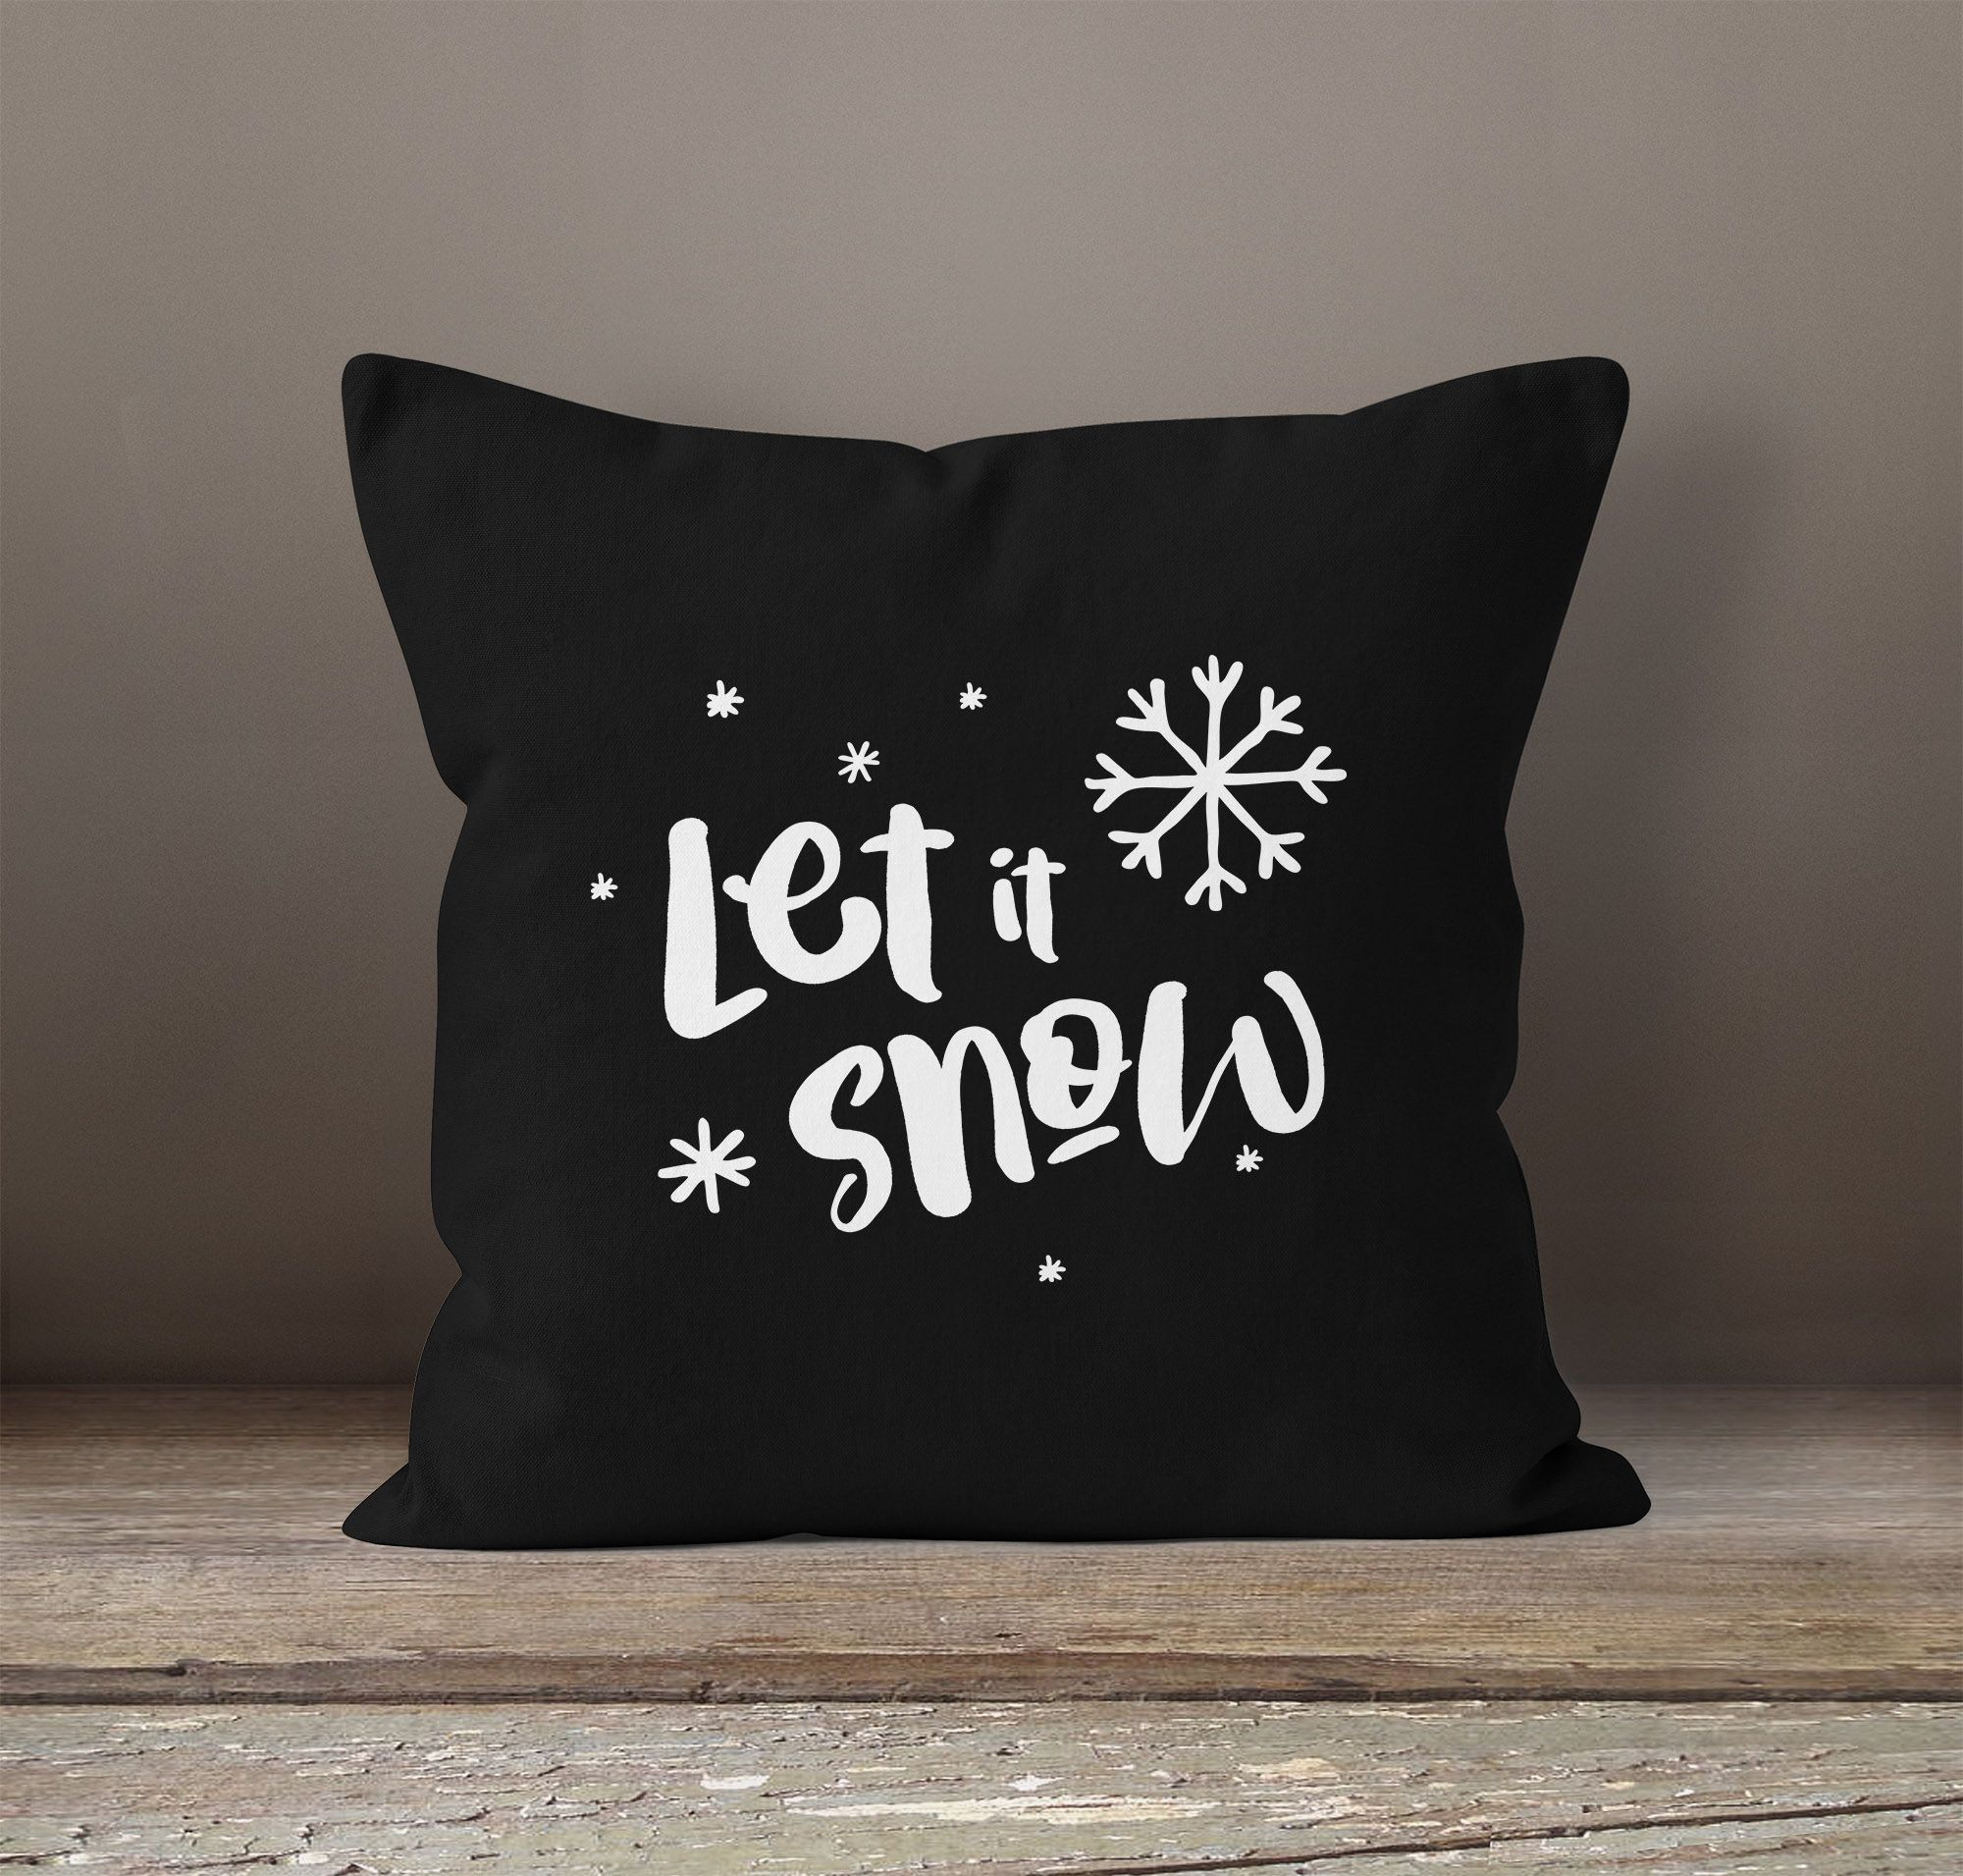 dekokissen weihnachten kissenhlle cm x cm weihnachten grau hirsch silber kissenbezug kissen. Black Bedroom Furniture Sets. Home Design Ideas